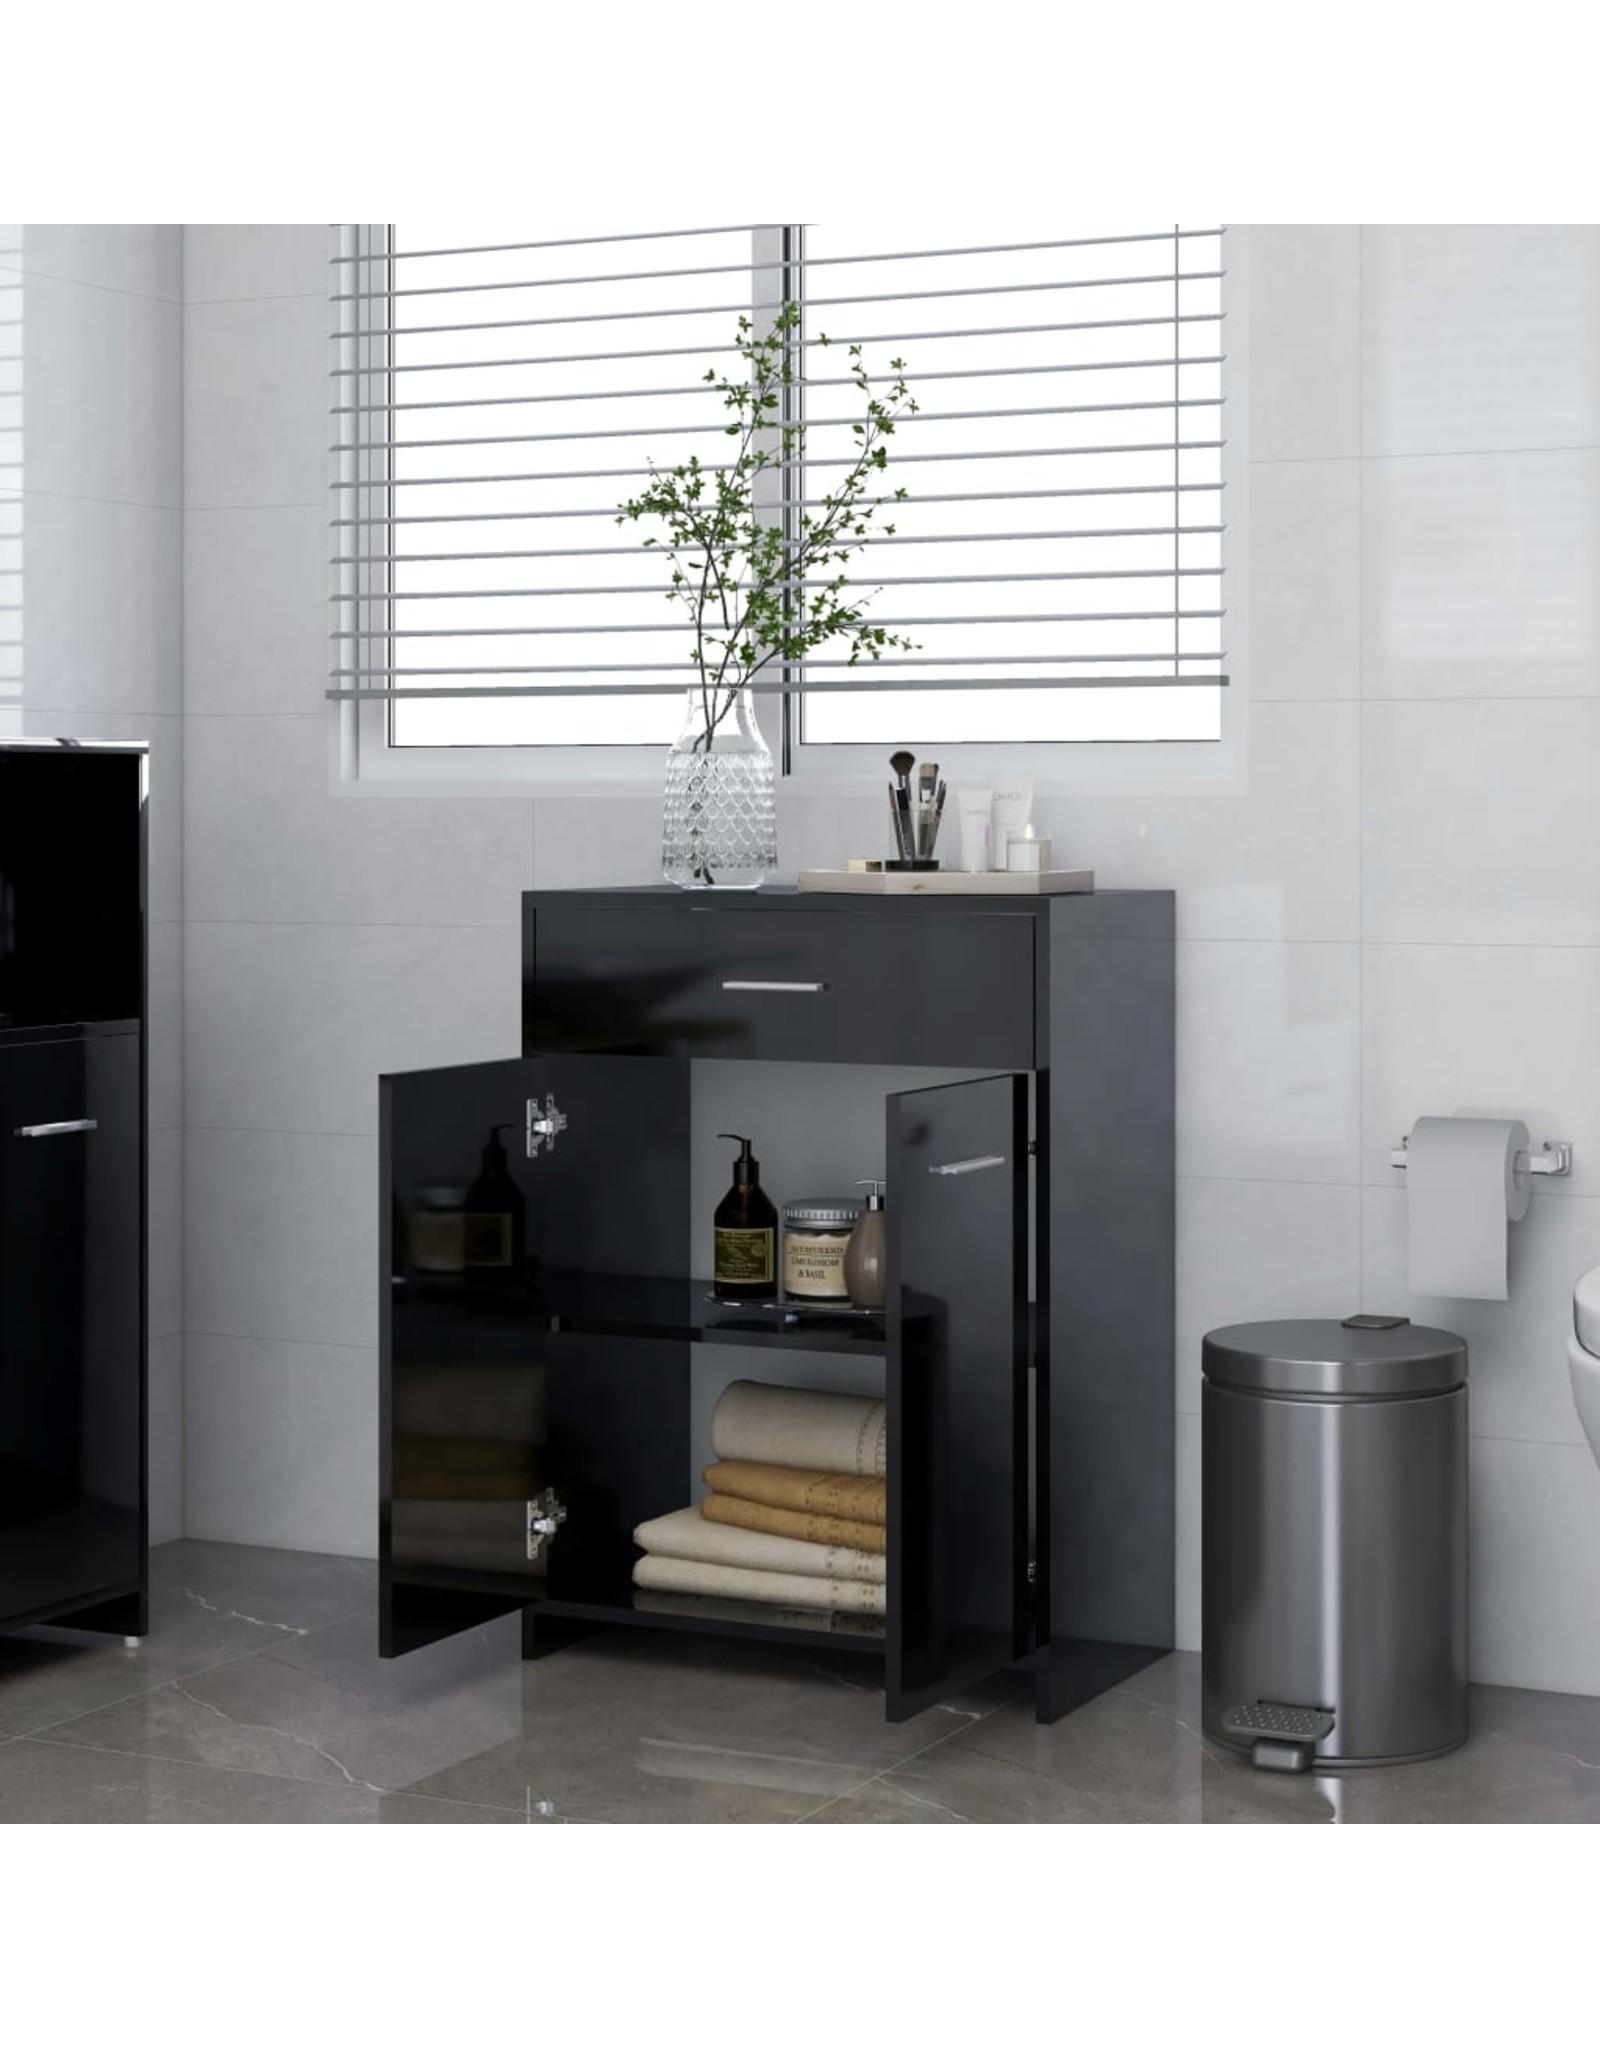 Badkamerkast 60x33x80 cm spaanplaat hoogglans zwart